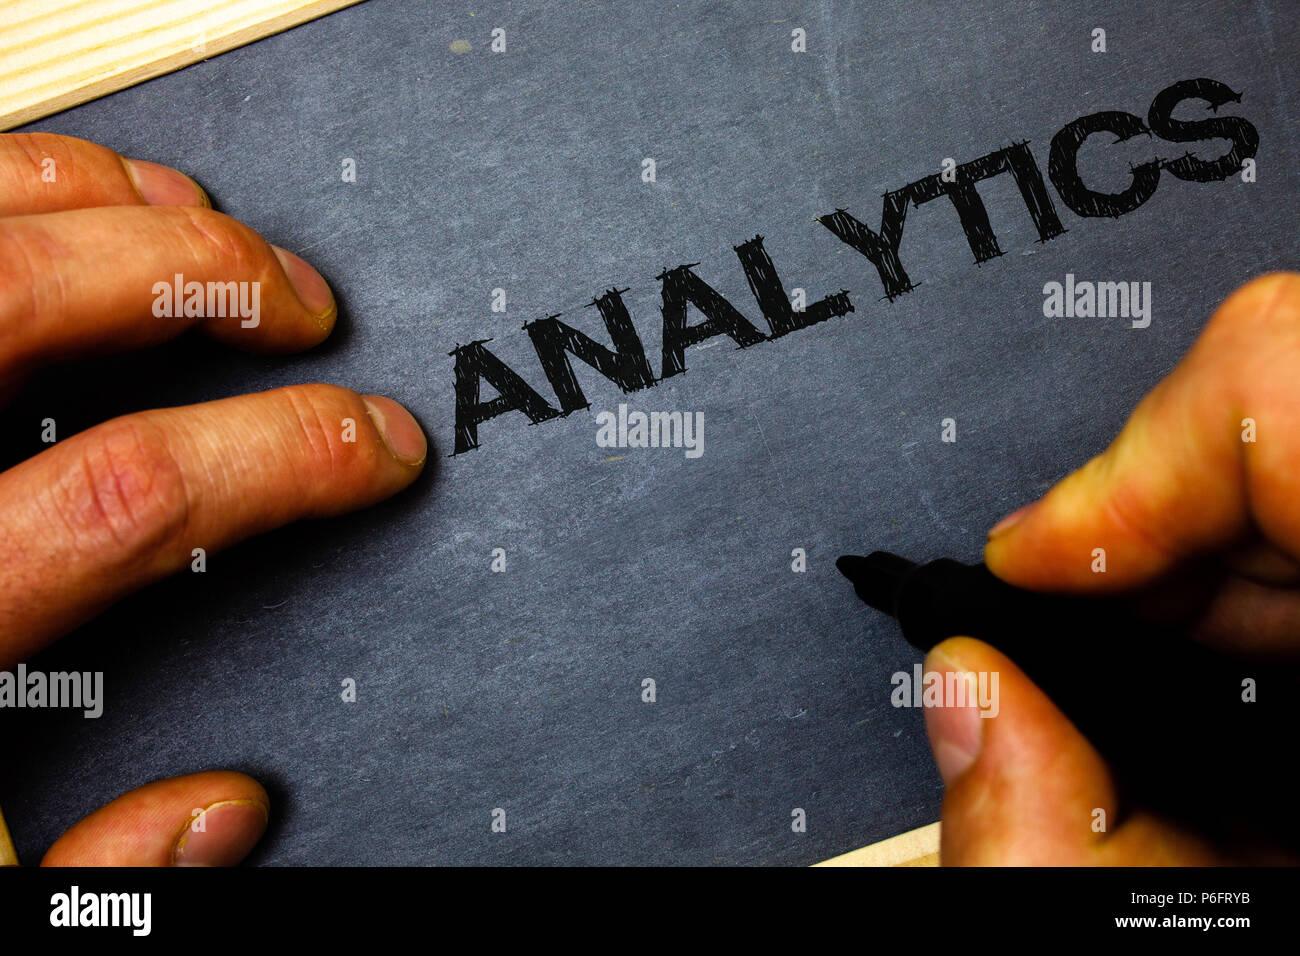 Escritura de texto Word Analytics. Concepto de negocio para el análisis de datos de información financiera Informe Estadísticas Dashboard hombre mantenga la celebración de marcador marcador negro Imagen De Stock